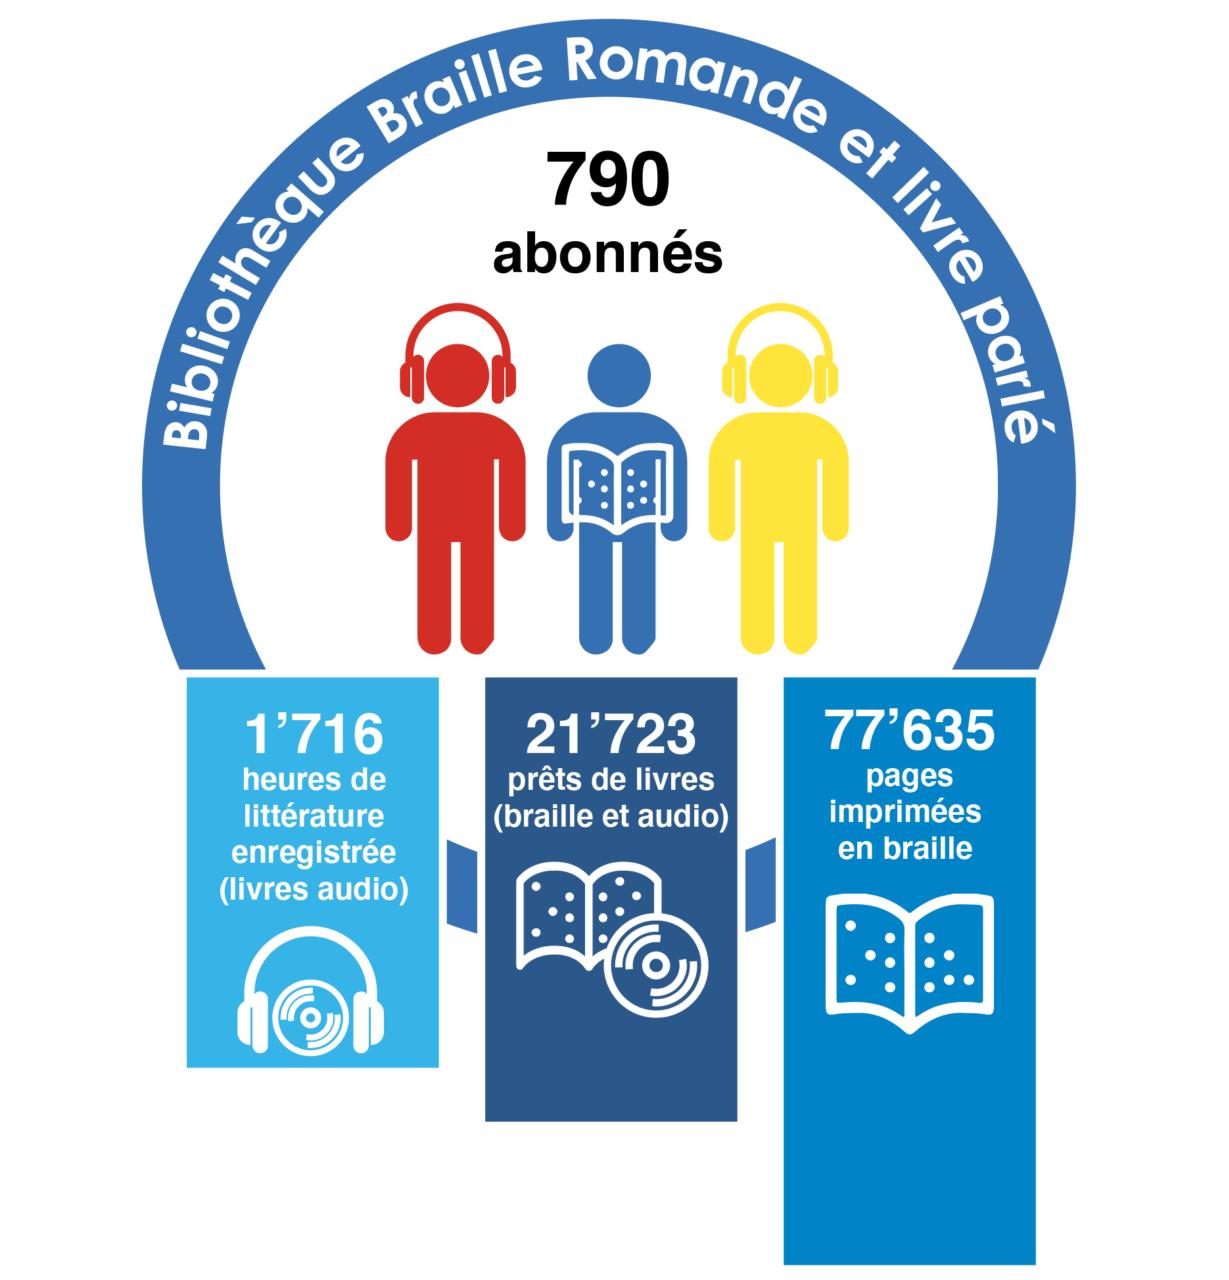 Infographie: Chiffres clés de la Bibliothèque Braille Romande et livre parlé: 790 abonnés, 1716 heures de lecture enregistrée, 21723 prêts de livres et 77'635 pages imprimées en braille.